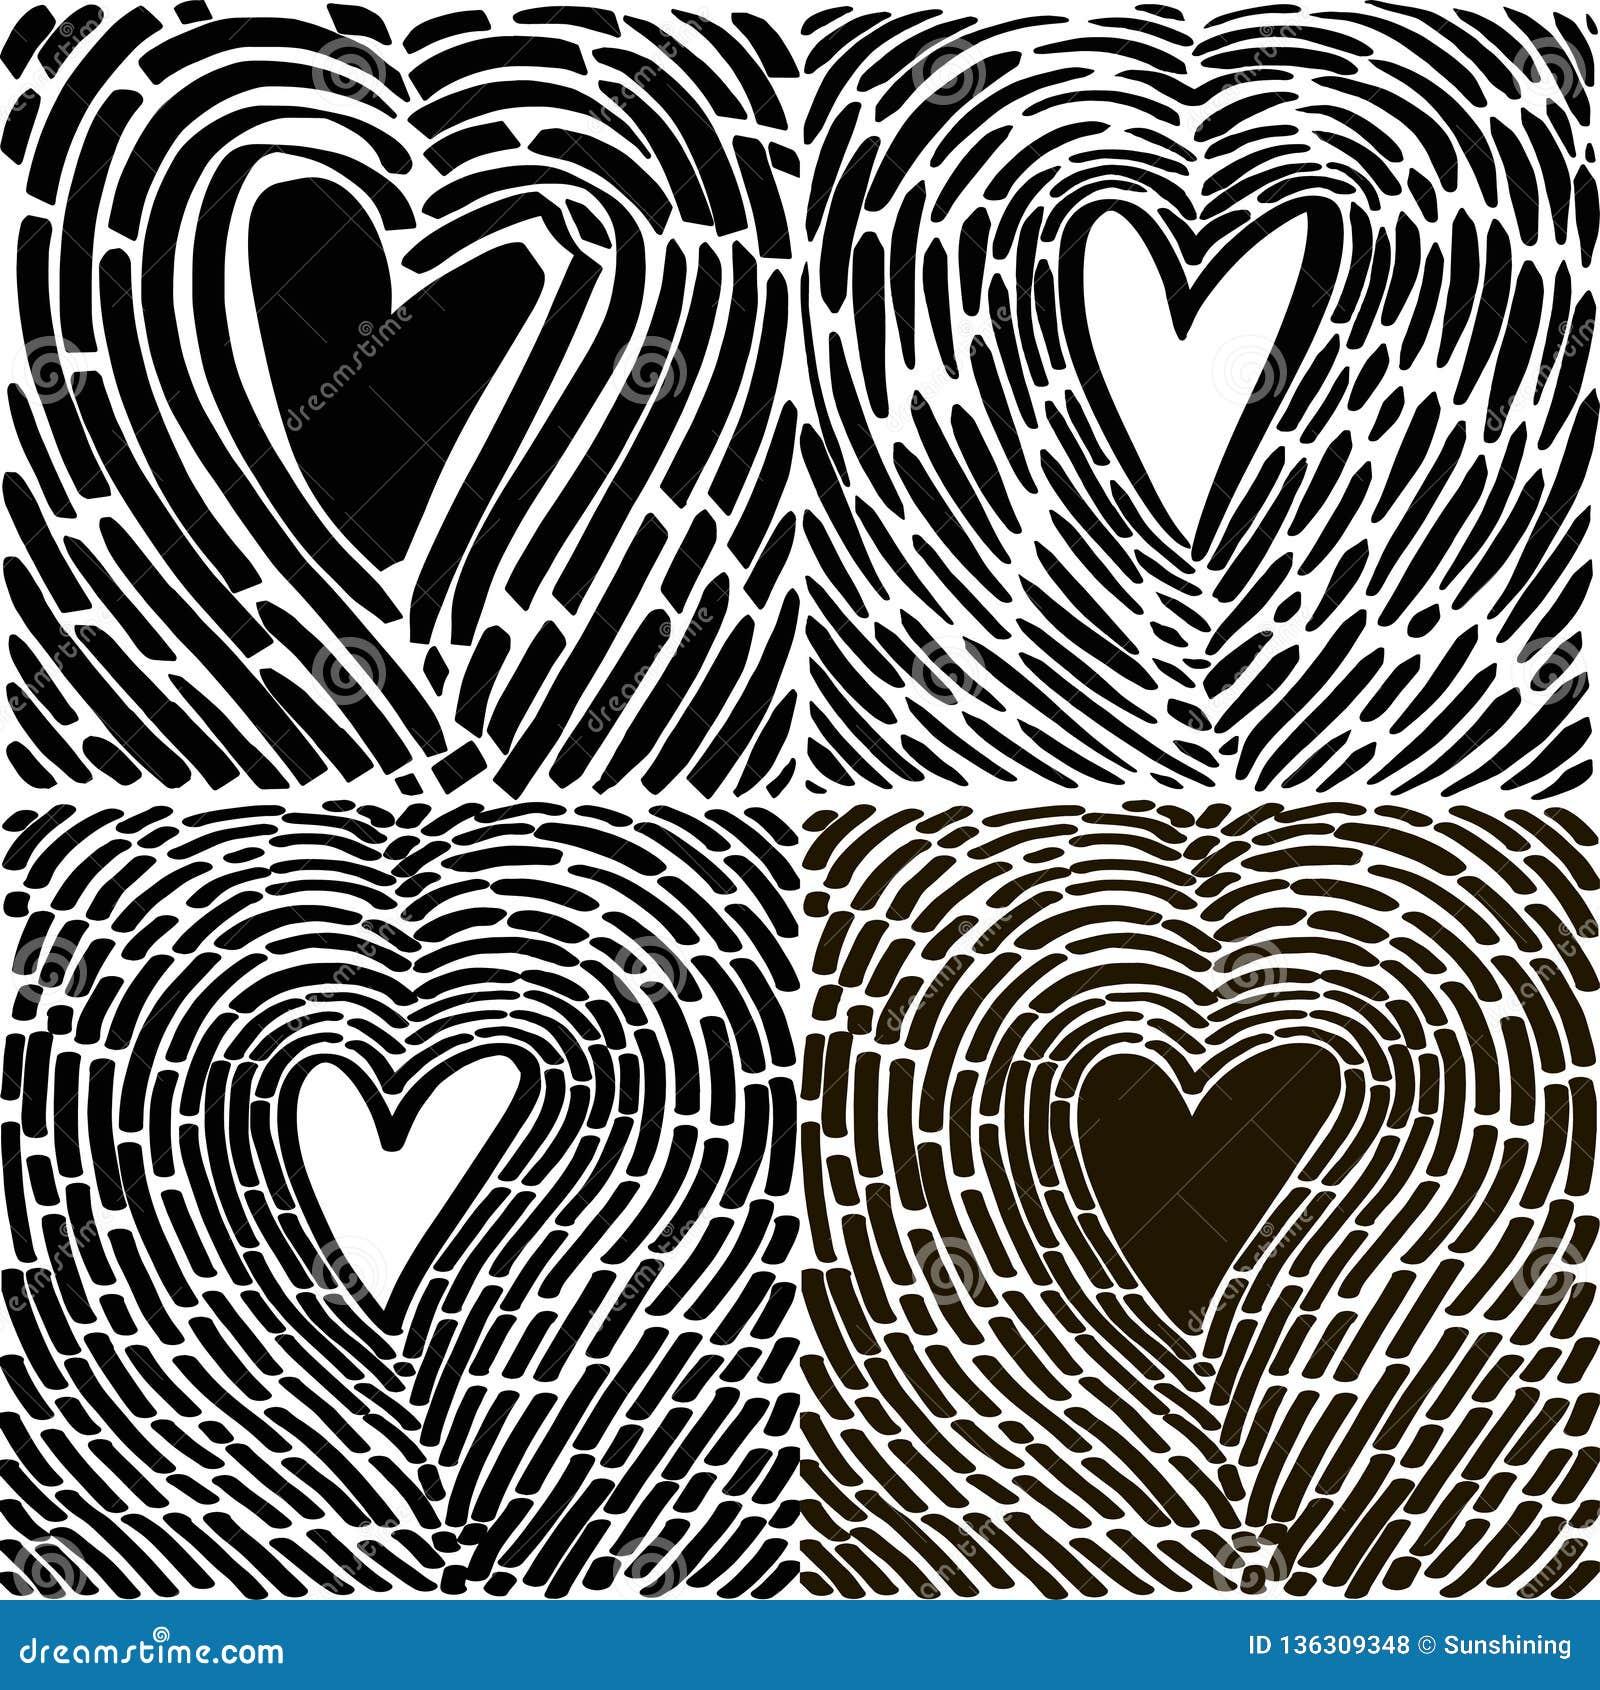 Corazón De Dibujo De La Mano Bajo La Forma De Huella Dactilar